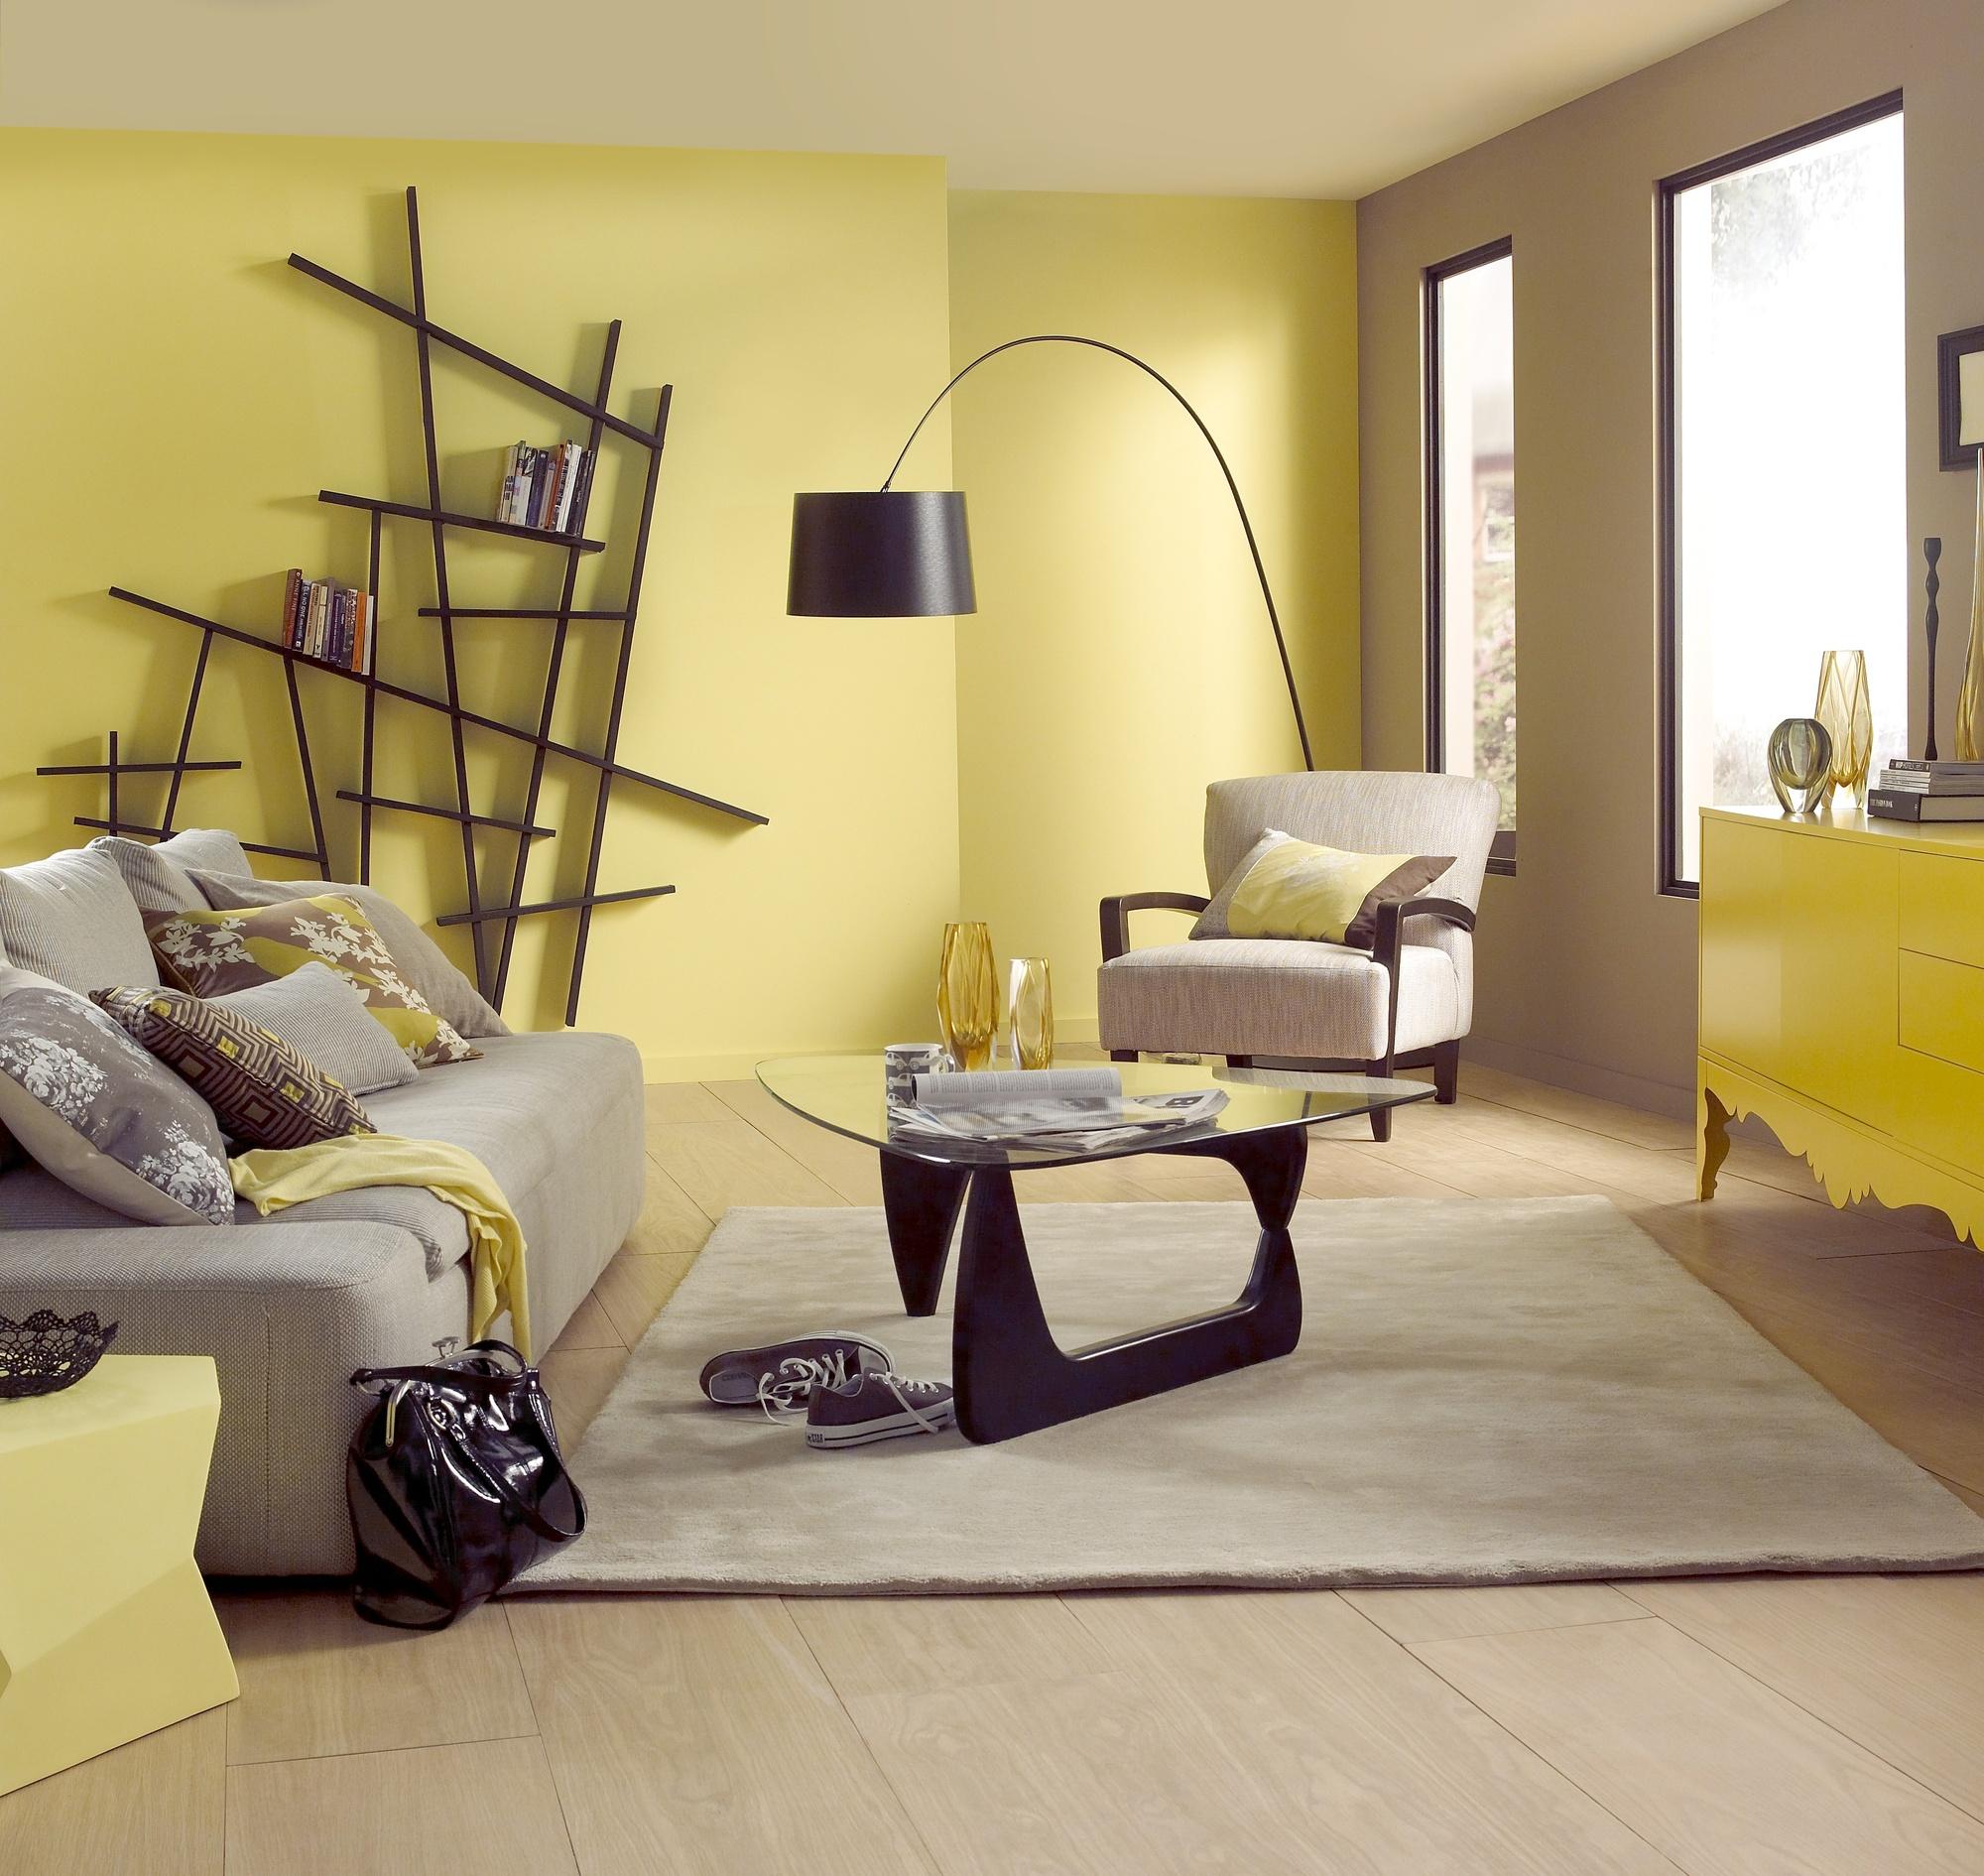 желтые стены серый пол фото будет рассмотрено